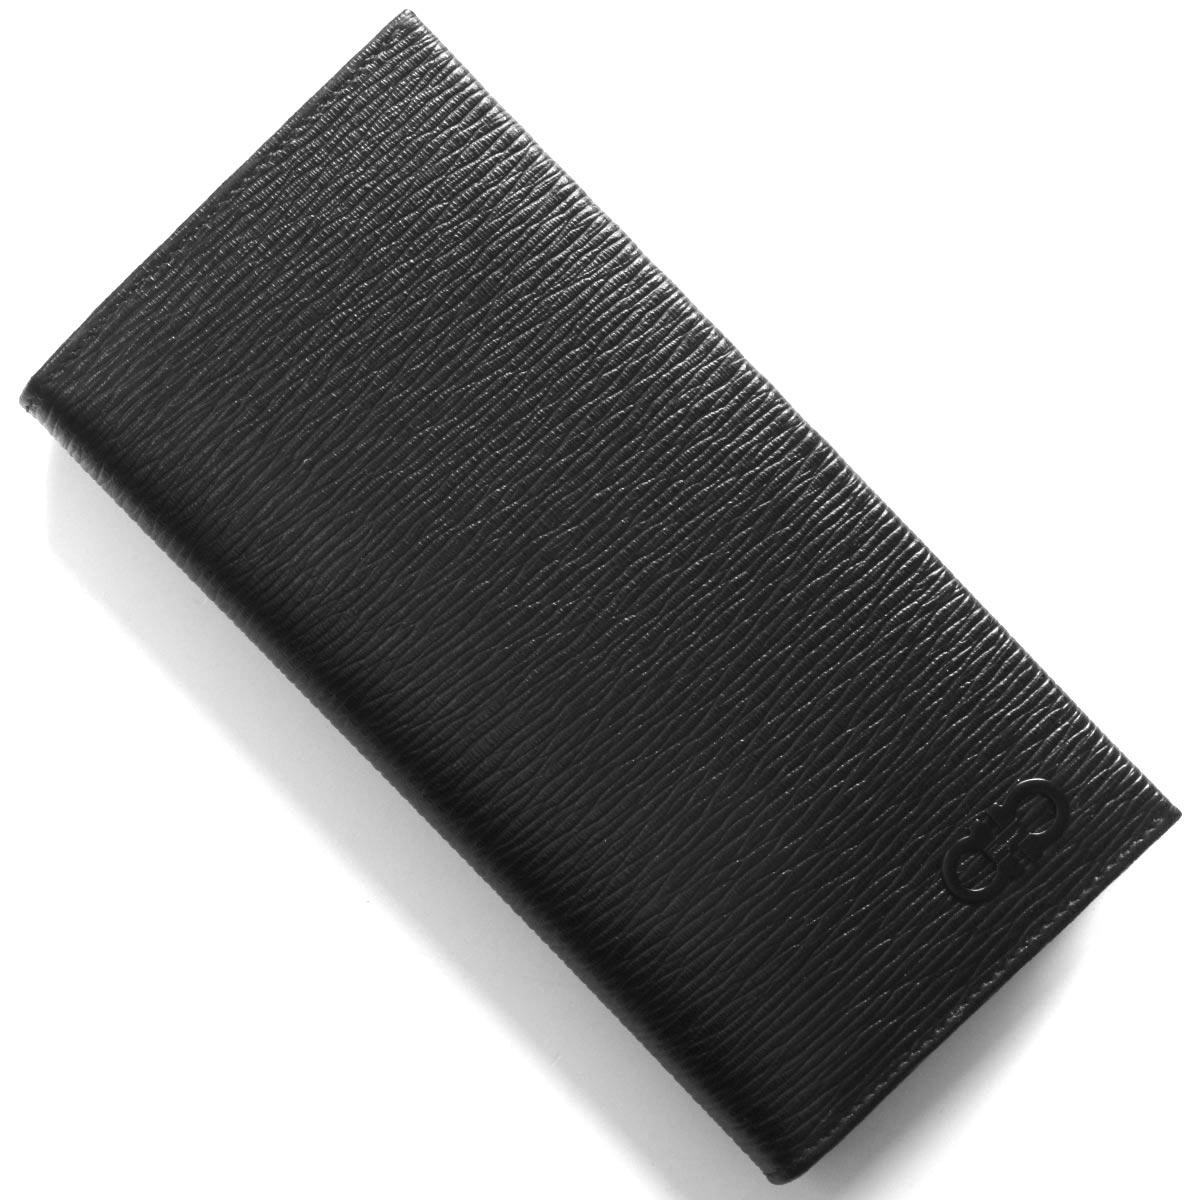 フェラガモ 長財布 財布 メンズ リバイバル ダブル ガンチーニ ブラック&ミルキーシーグリーン 66A069 NERO 0733362 SALVATORE FERRAGAMO